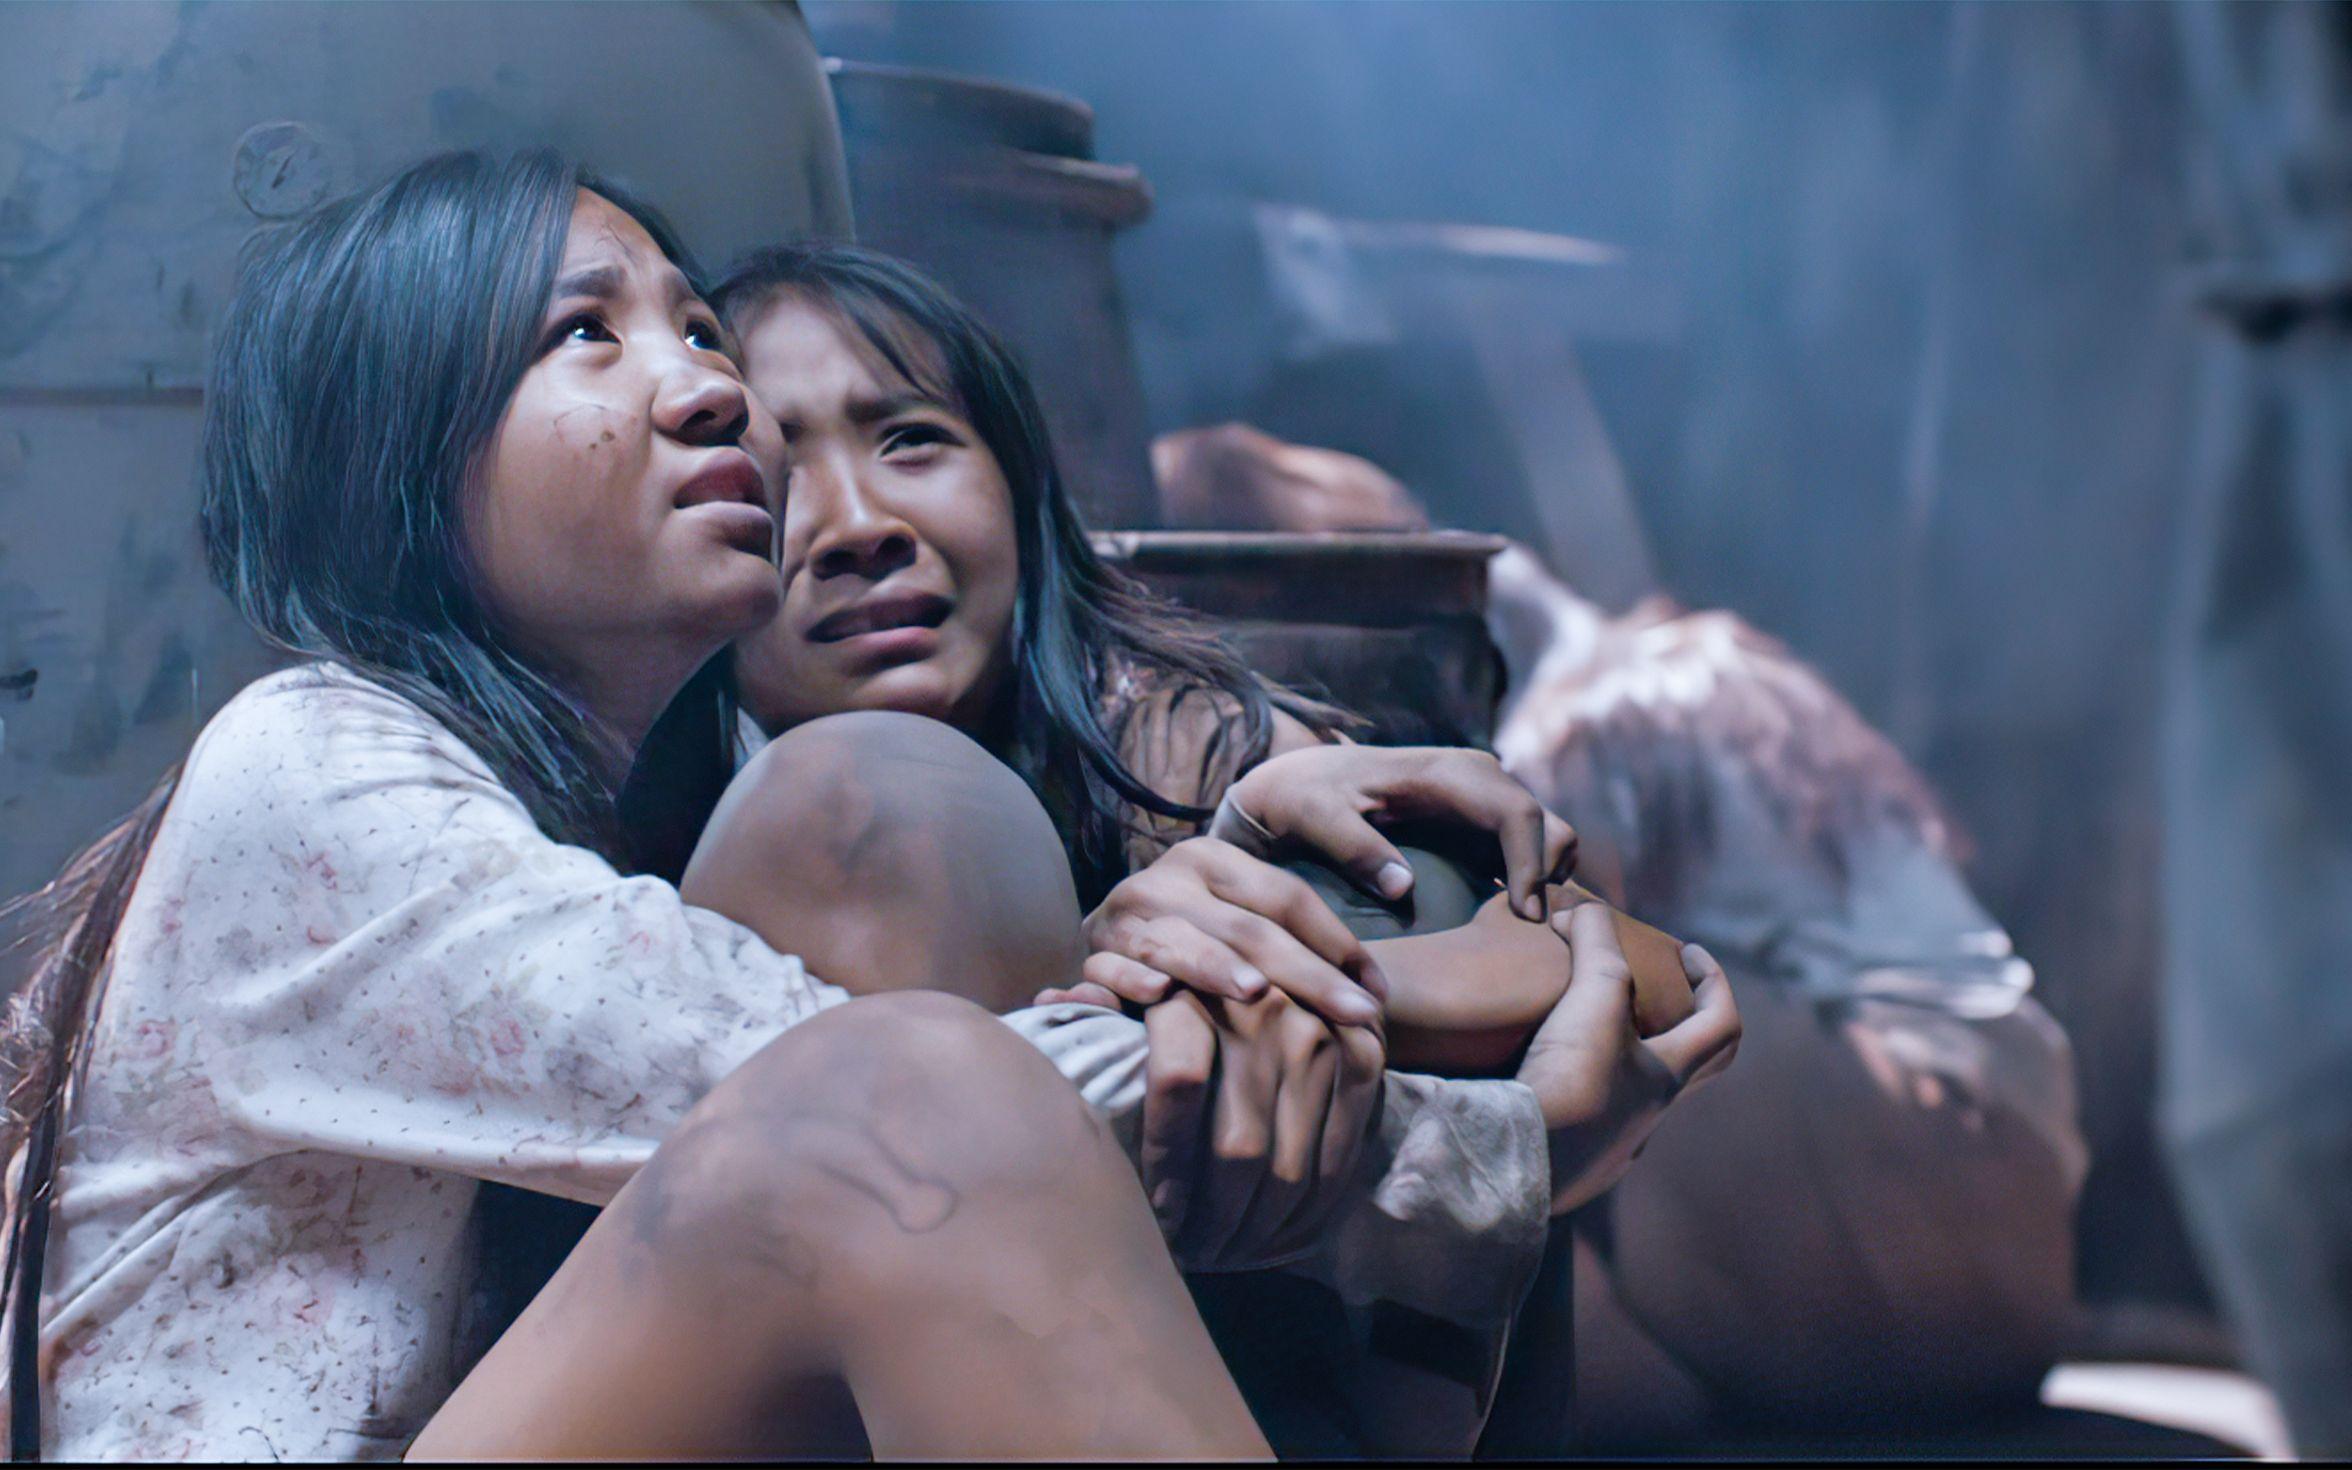 数百名少女被人贩子诱拐,囚禁牢笼,卖给有钱人当玩物。 #电影解说 #高分电影